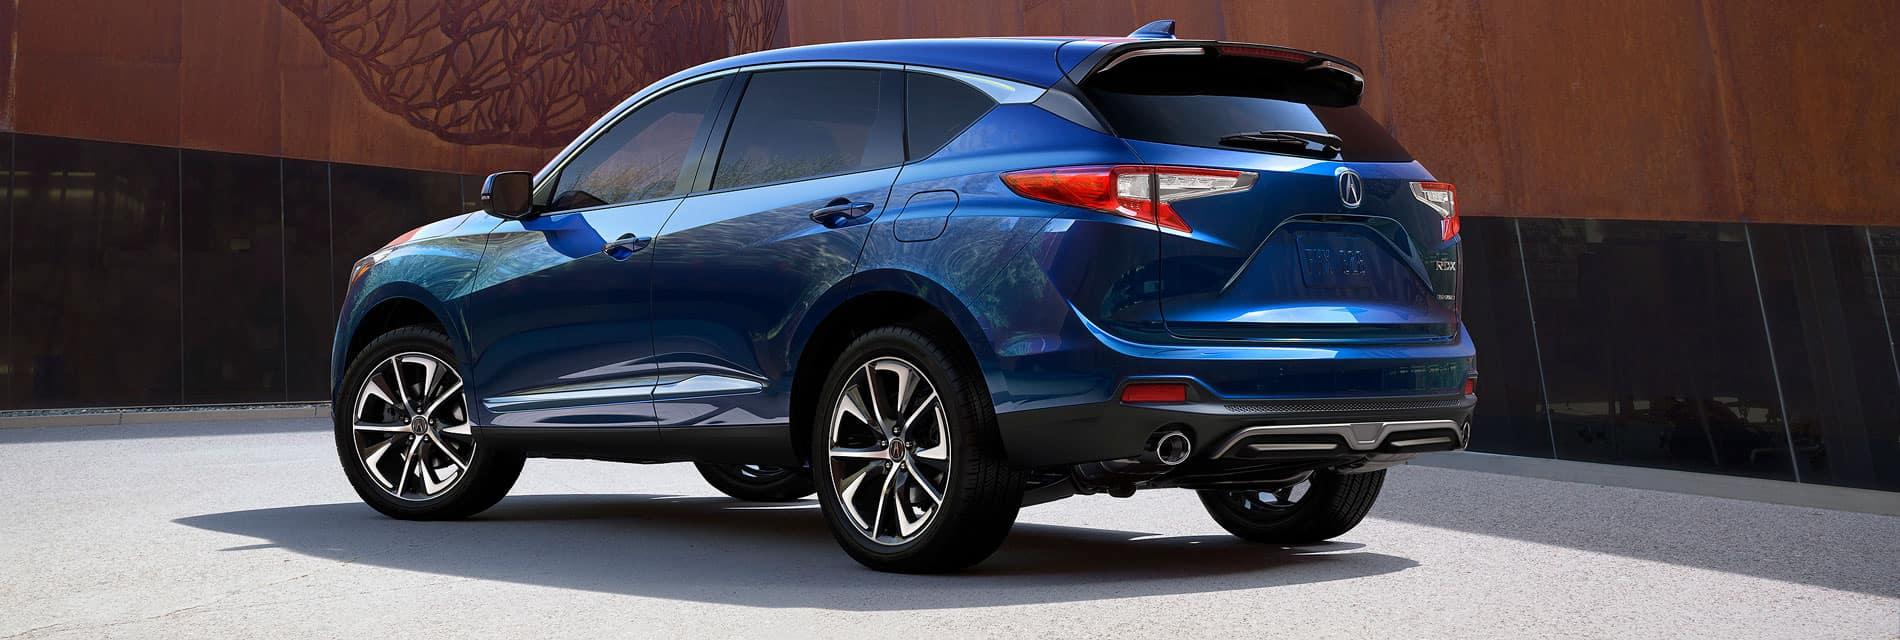 2019 Acura Rdx Arriving Soon Curry Acura